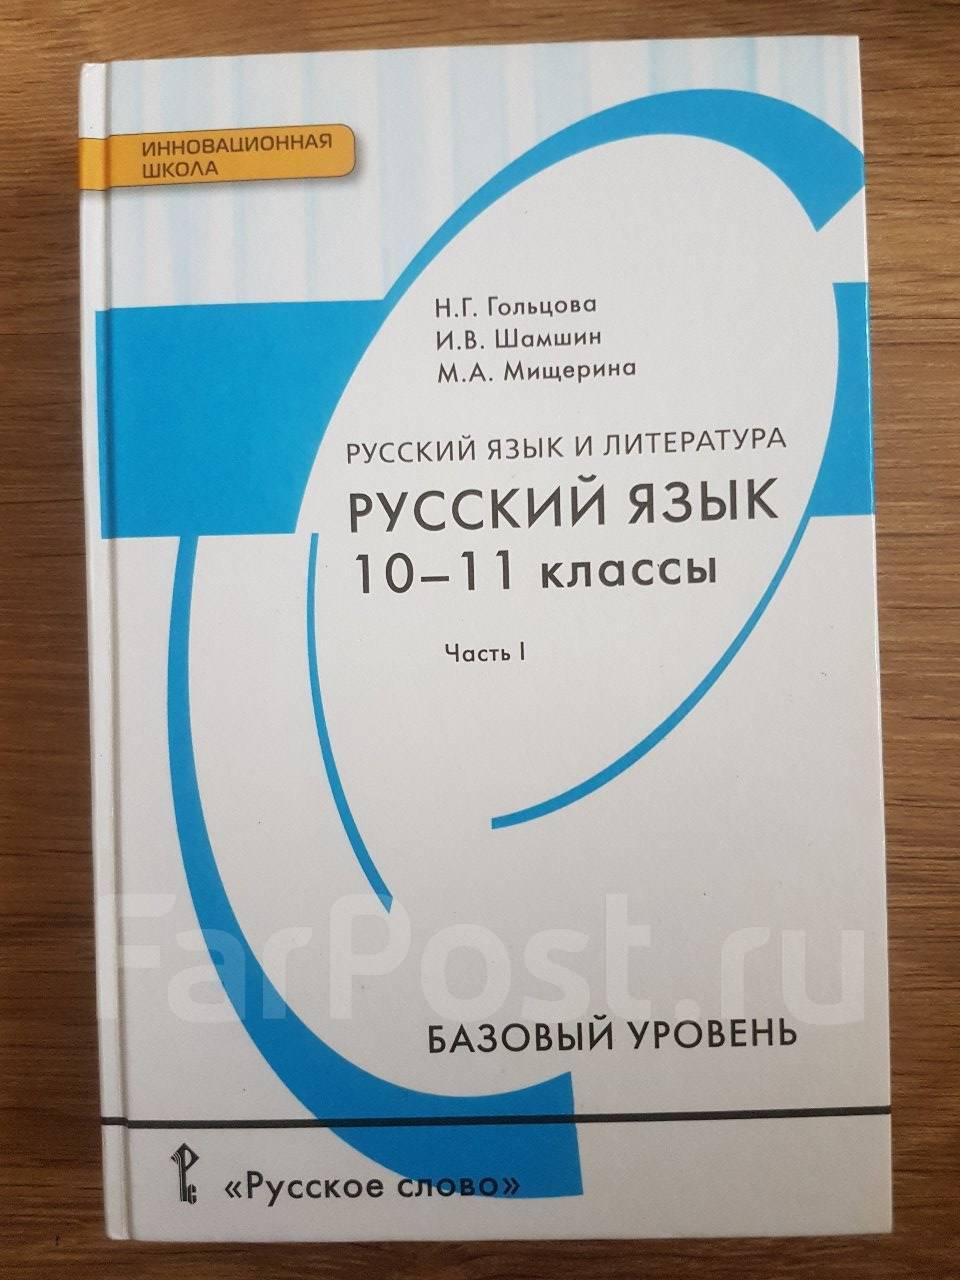 Русский язык 10-11 класс упражнение(номер) 258 гольцова, шамшин.